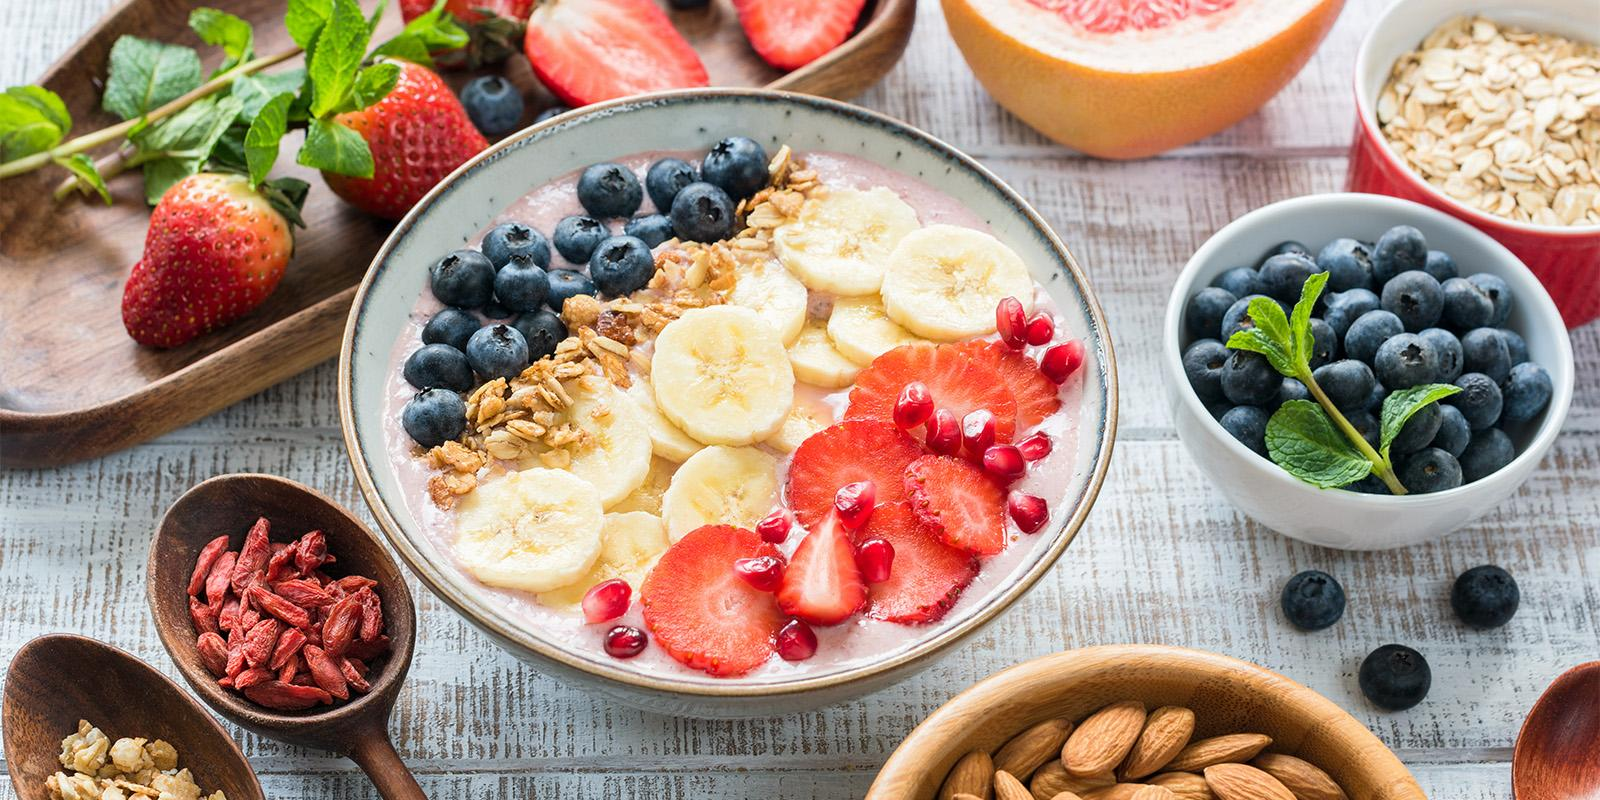 Smoothie bowl s ovocem a oříšky